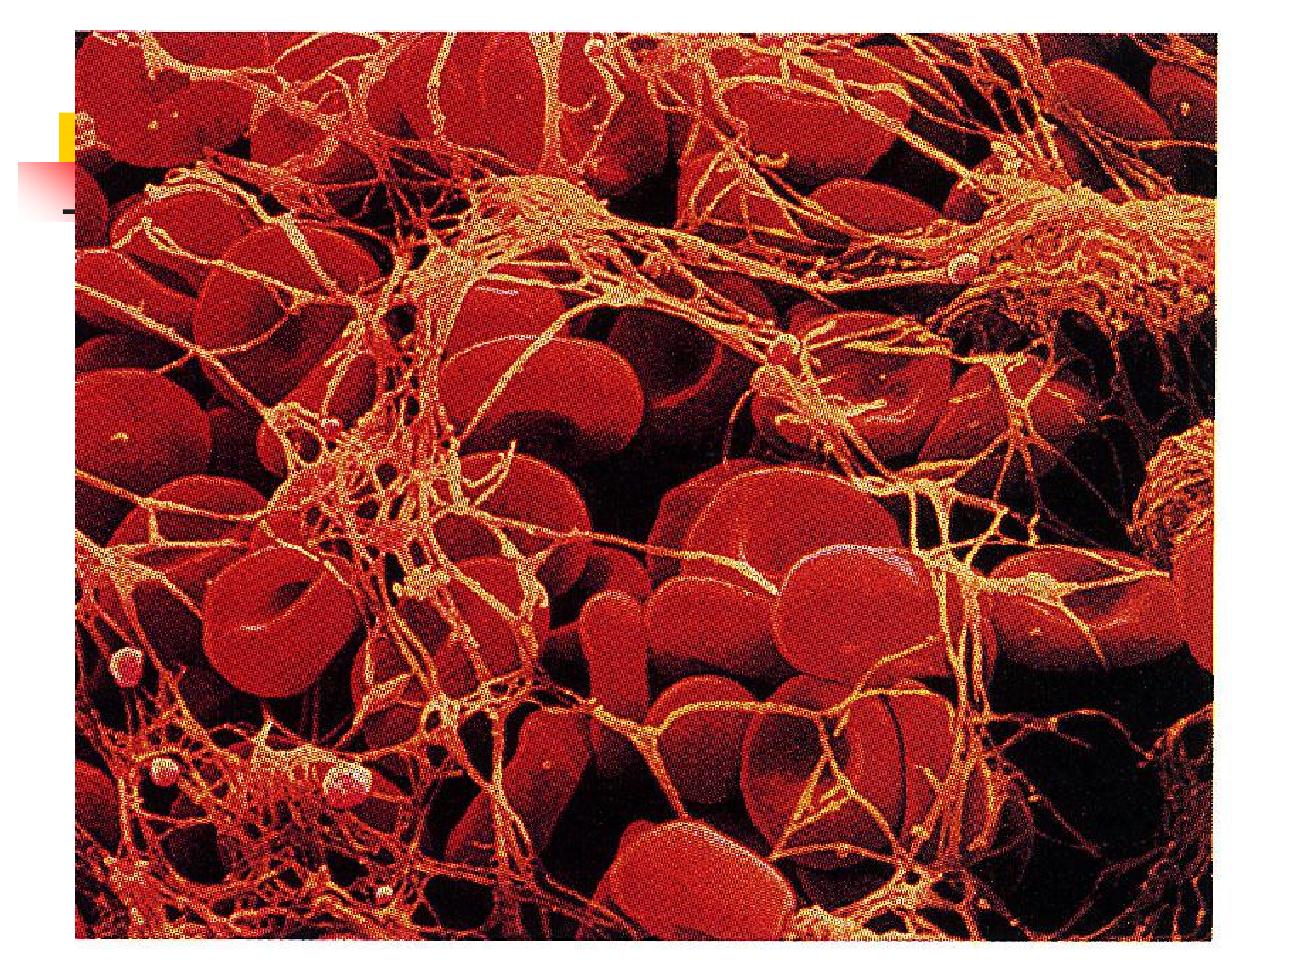 Fisiologia Humana Basica: HEMOSTASIA: TABLA DE MOLECULAS Y ...